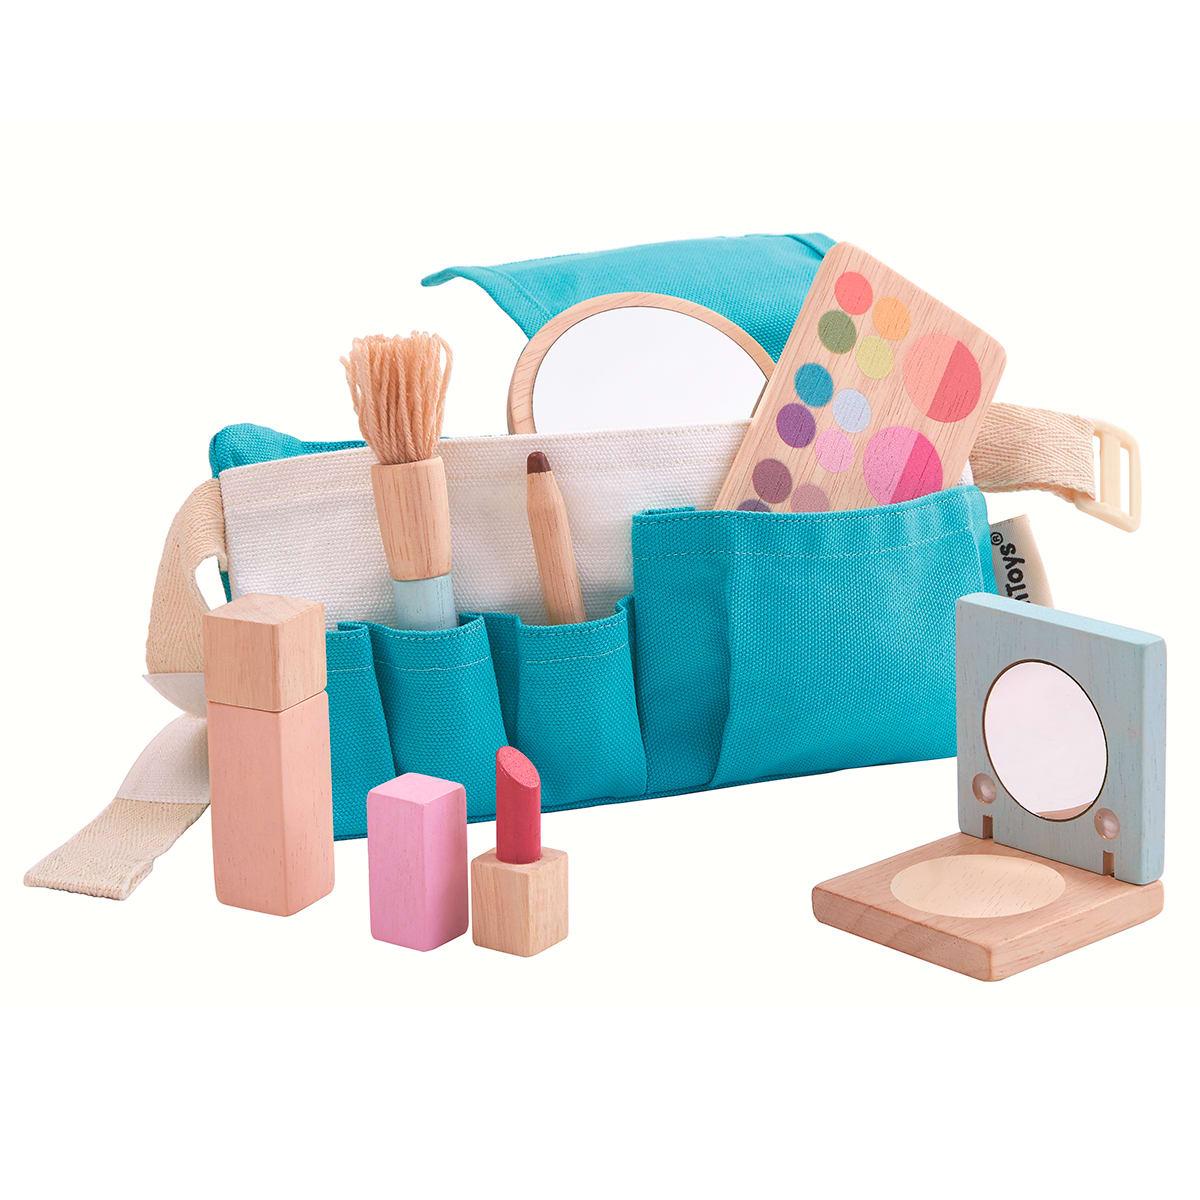 Bæltetaske med spejl, børste og makeup